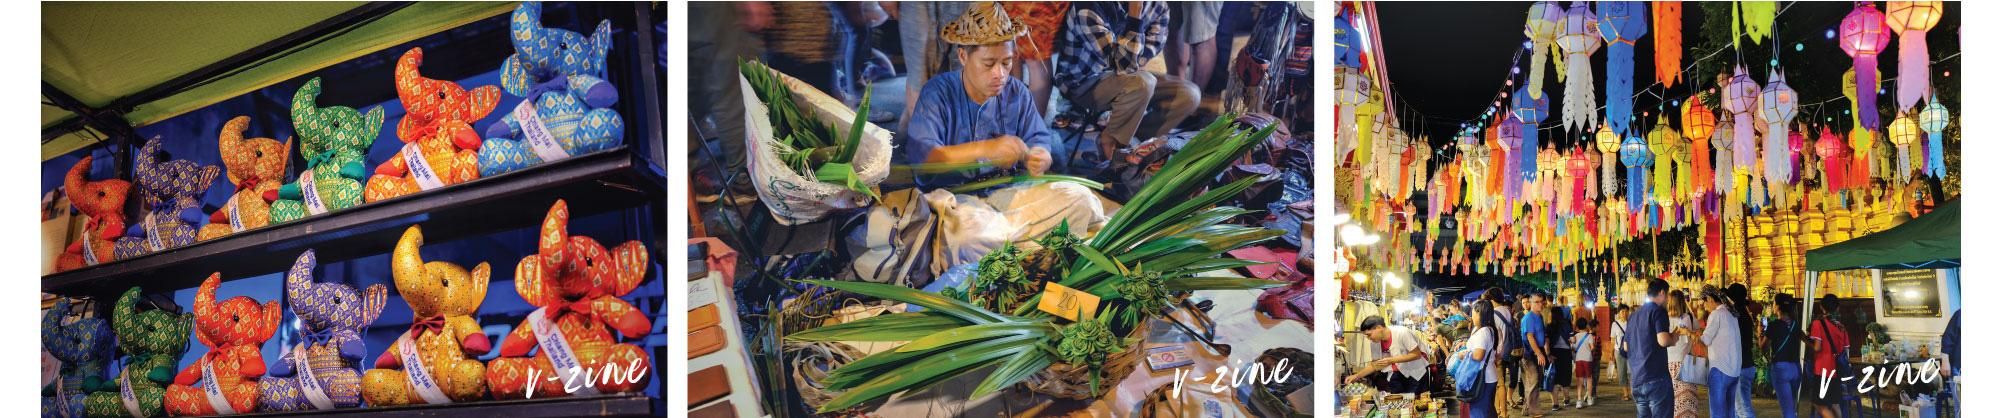 Ngoài lễ hội đèn trời, Chiang Mai còn có gì hấp dẫn du khách? - Ảnh 18.